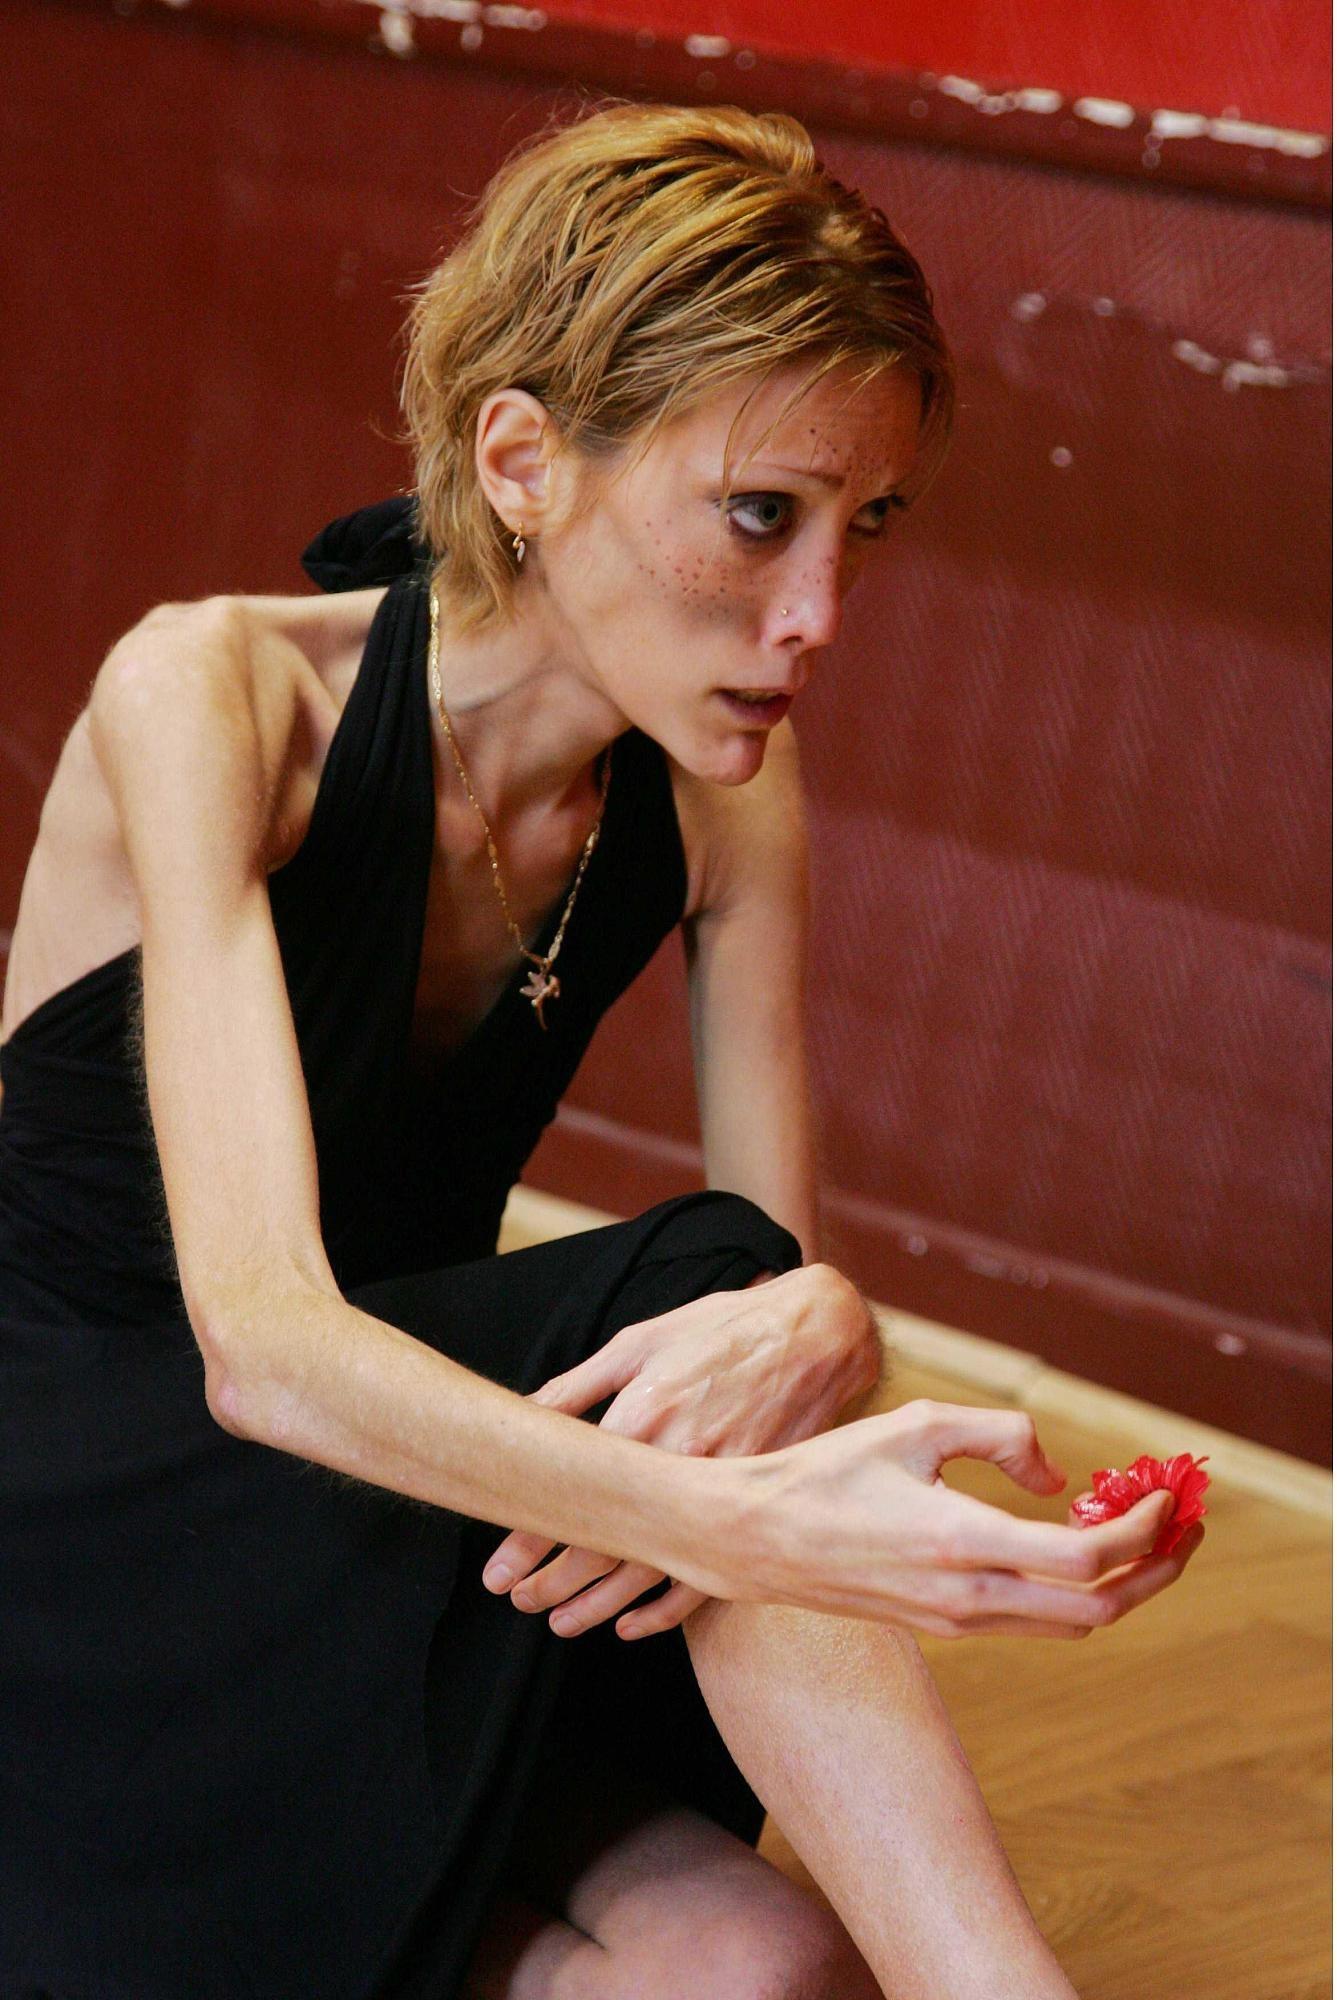 Isabelle caro no anorexia